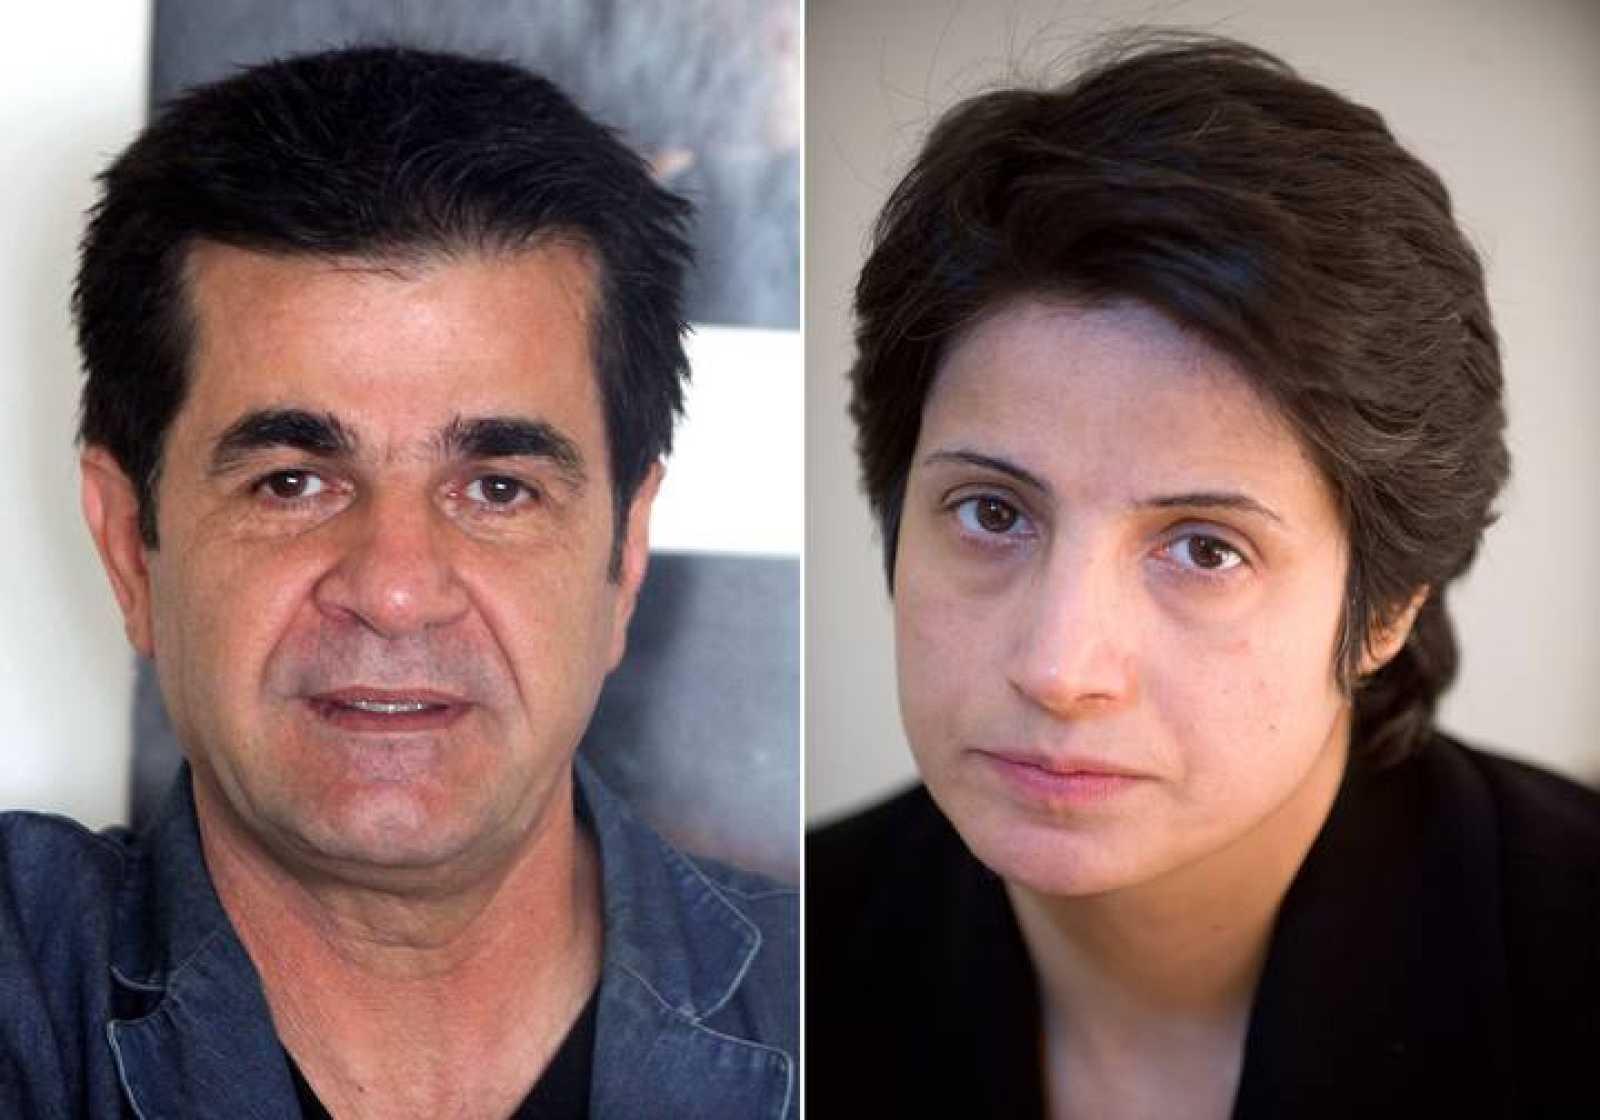 El reputado cineasta Jafar Panahi y la abogada Nasrin Sotoudeh recibirán este año el premio Sájarov a la Libertad de Conciencia de la Eurocámara.